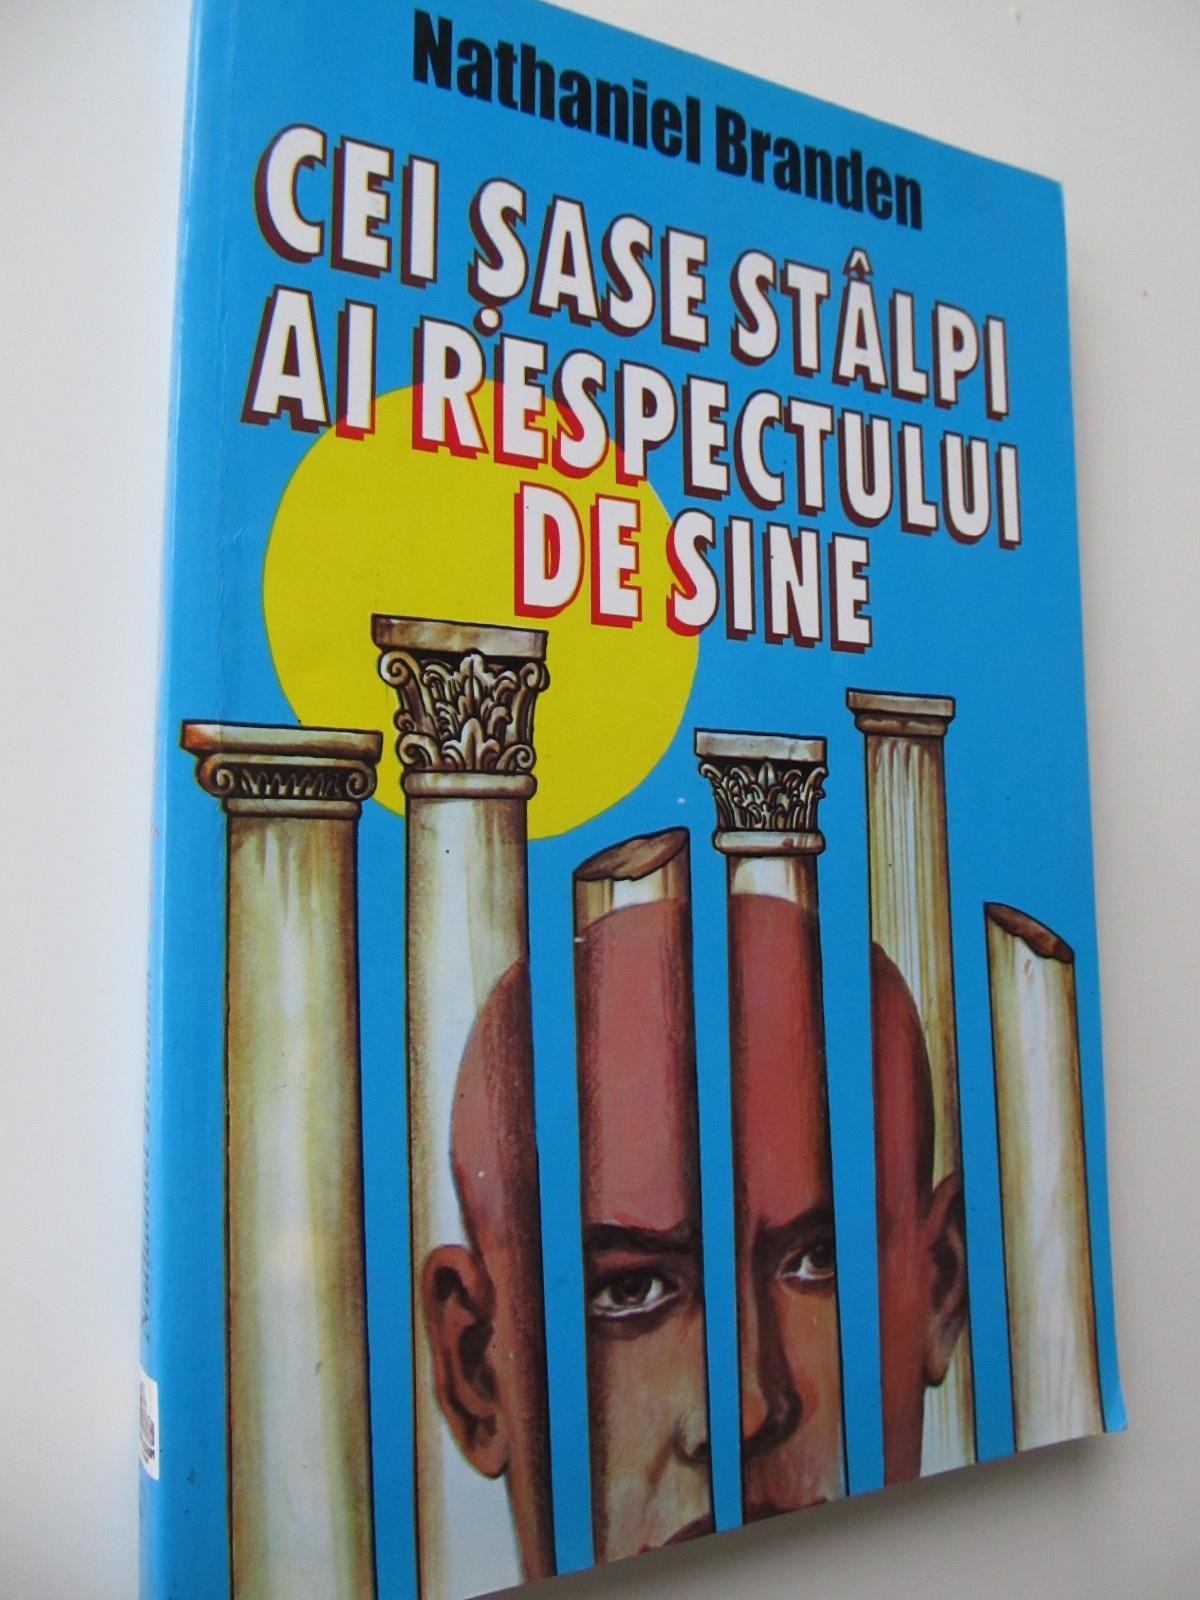 Cei sase stalpi ai respectului de sine - Nathaniel Branden   Detalii carte